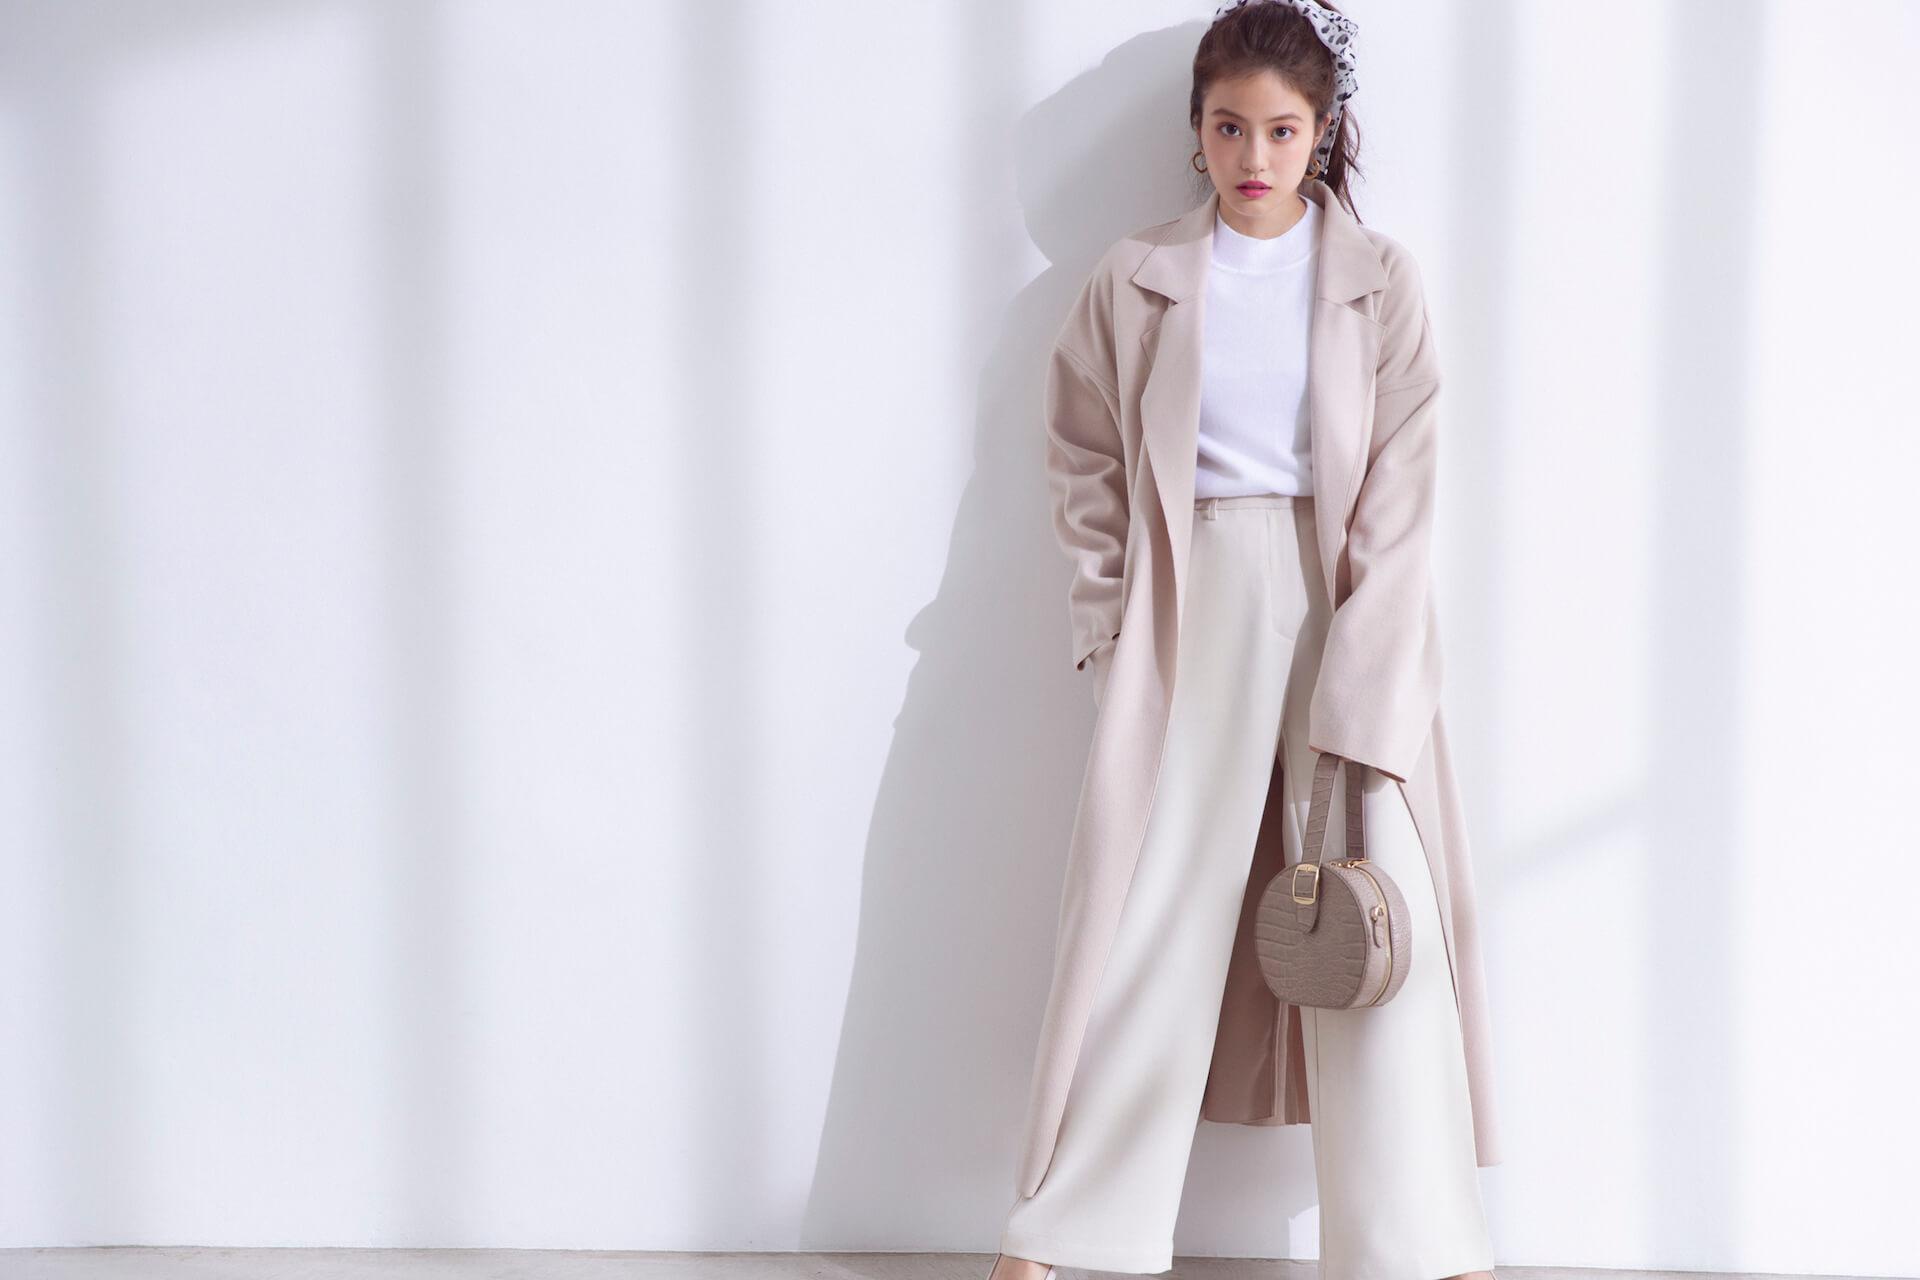 GRLが女優・今田美桜を起用した2019年秋冬ビジュアルを公開|今田美桜からのコメントも到着 lifefashion_1108_grl_5